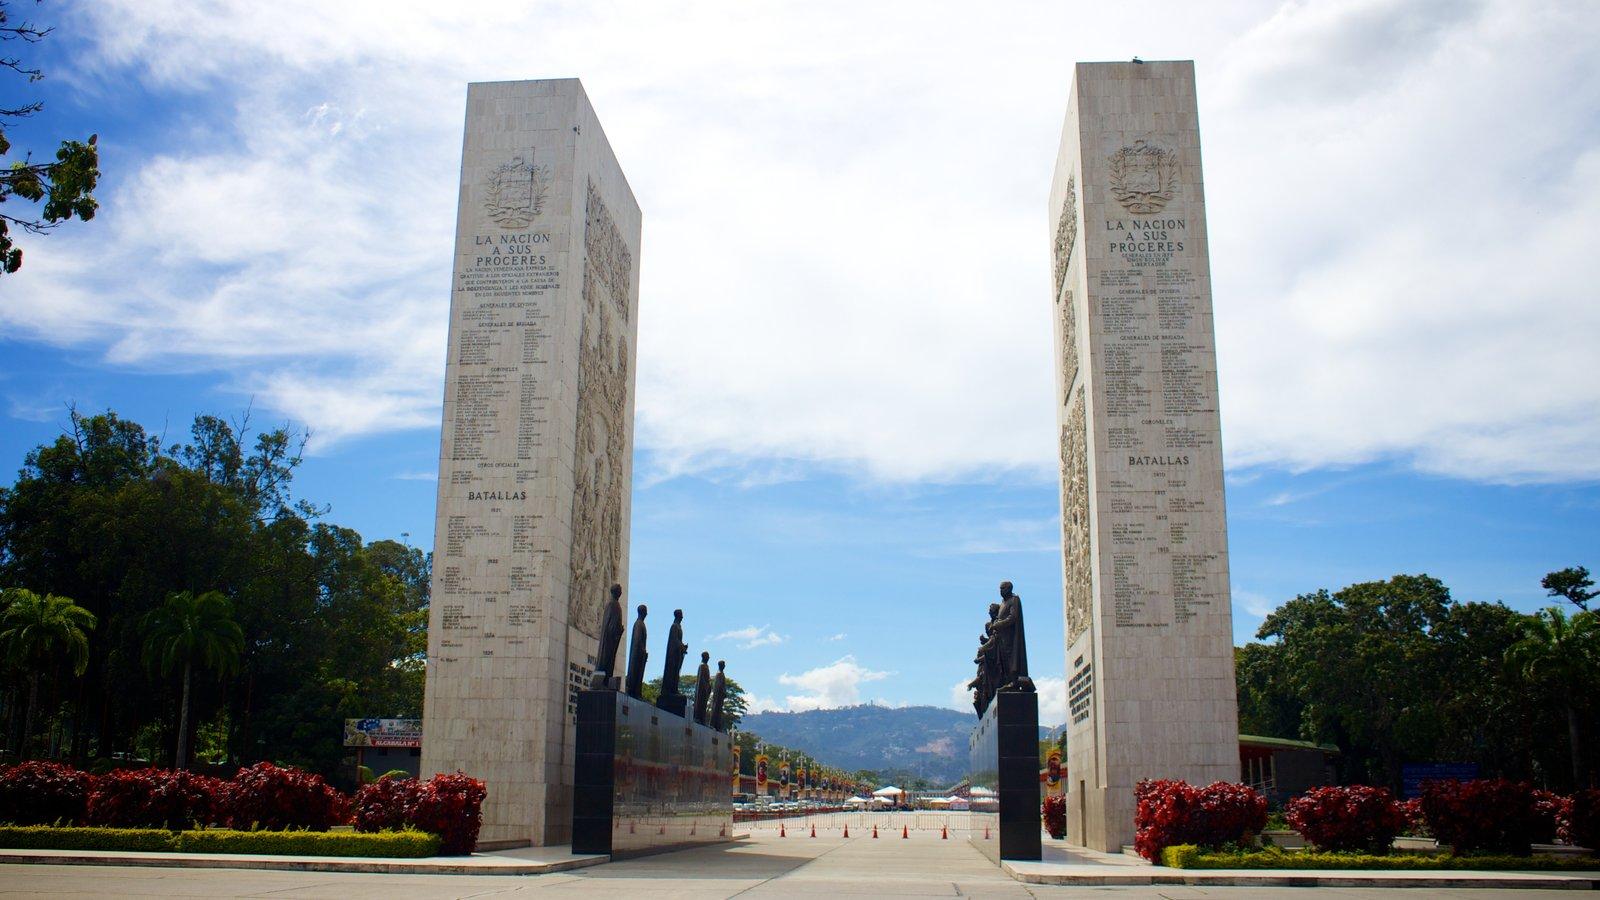 Paseo de los Próceres caracterizando um monumento e um memorial